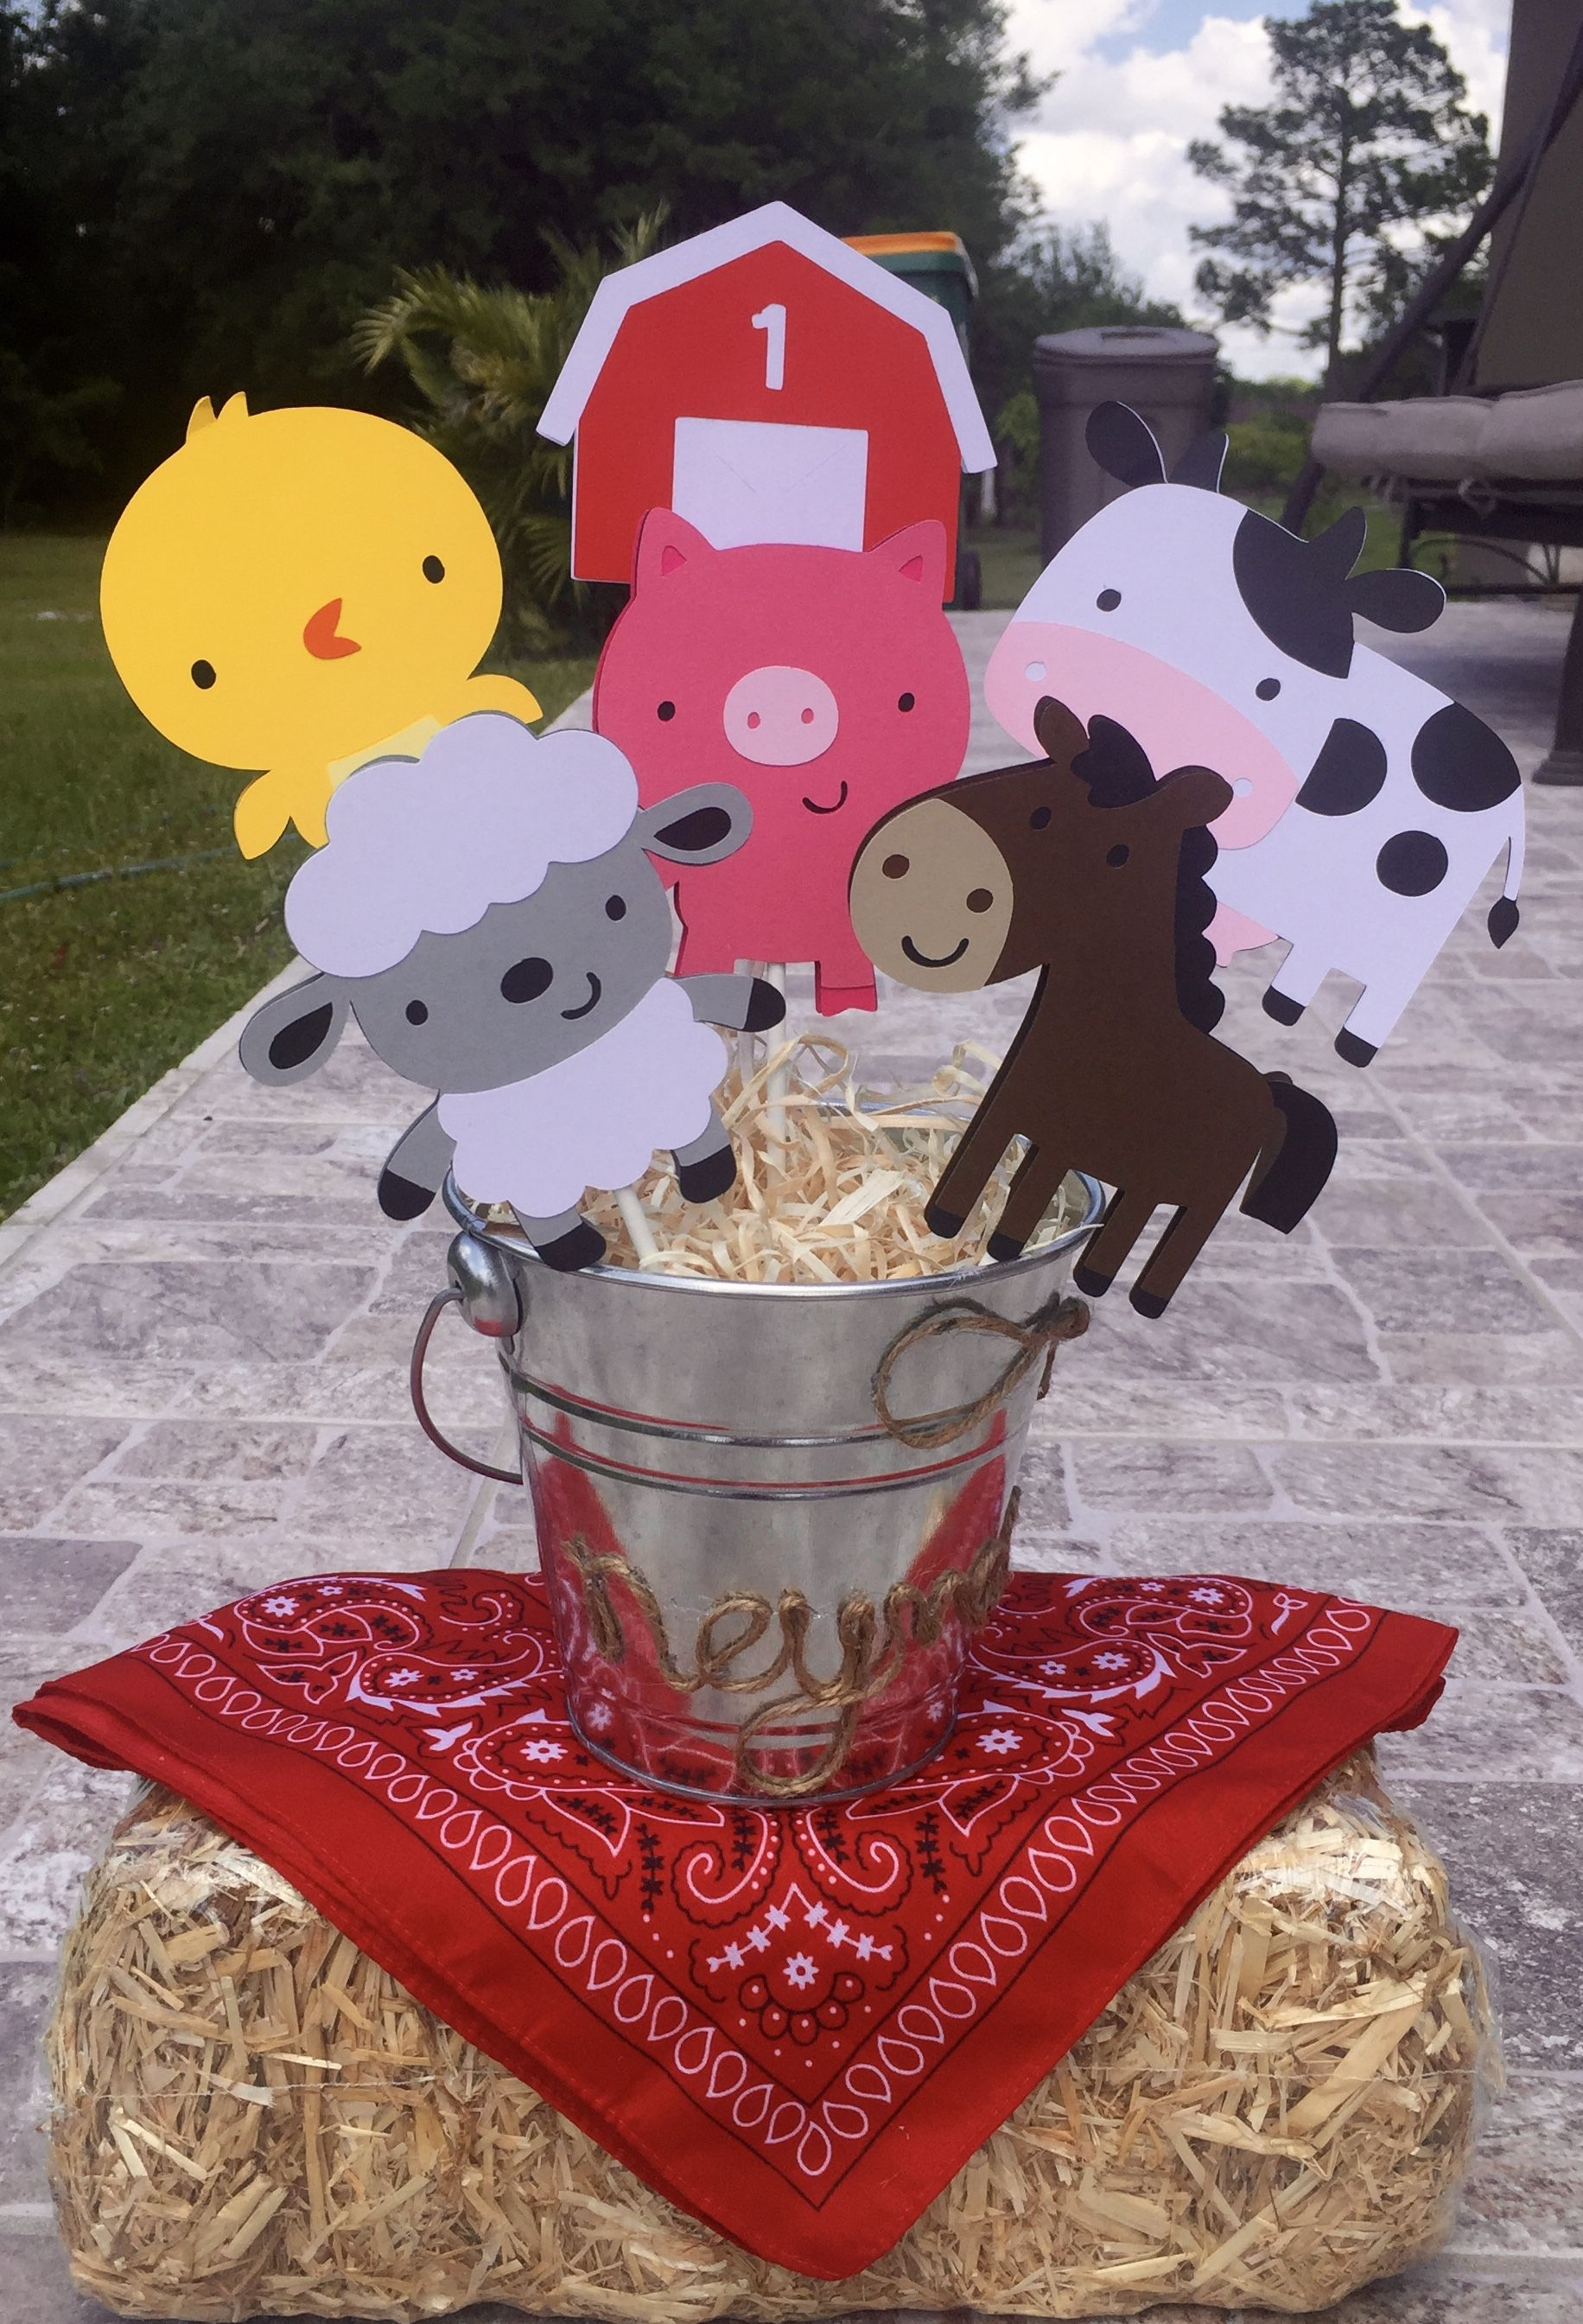 Farm animal centerpiecesfarm birthdayfarm partybarnyard birthdaybarnyard centerpiece1st birthdayfarm birthday partyfarm party decor